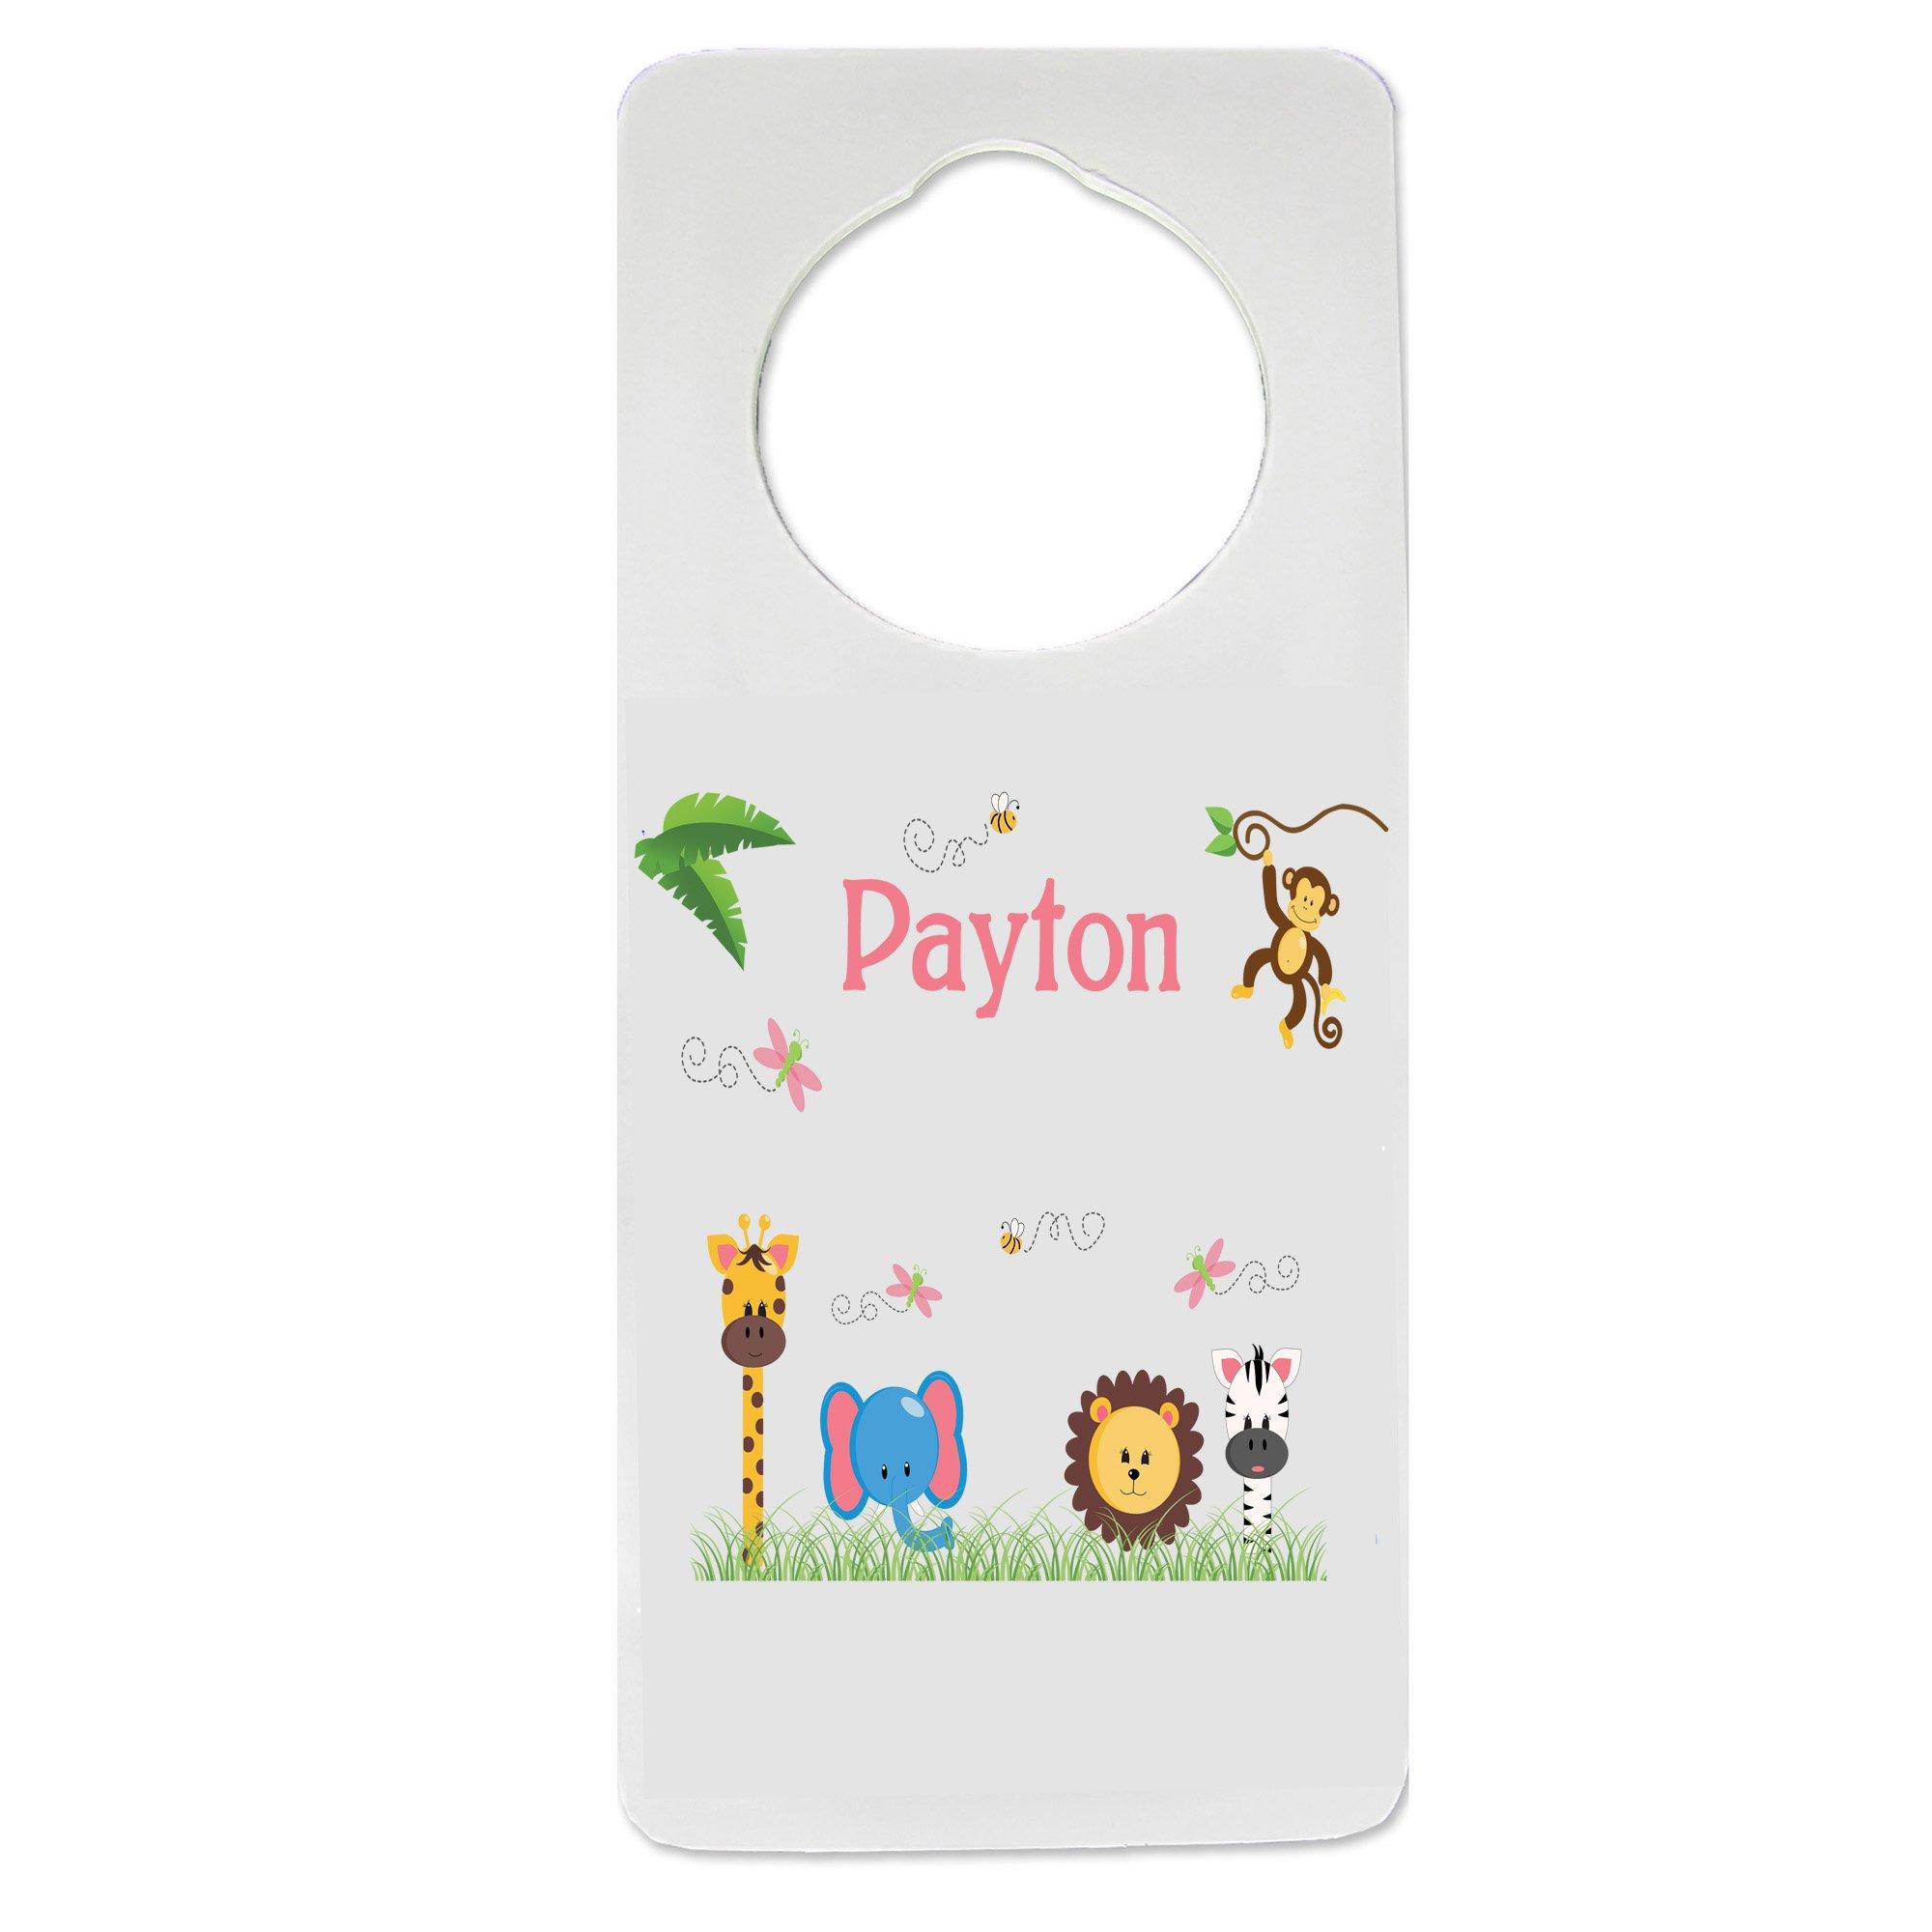 Personalized Nursery Door Hanger with Jungle_Animals Girl design